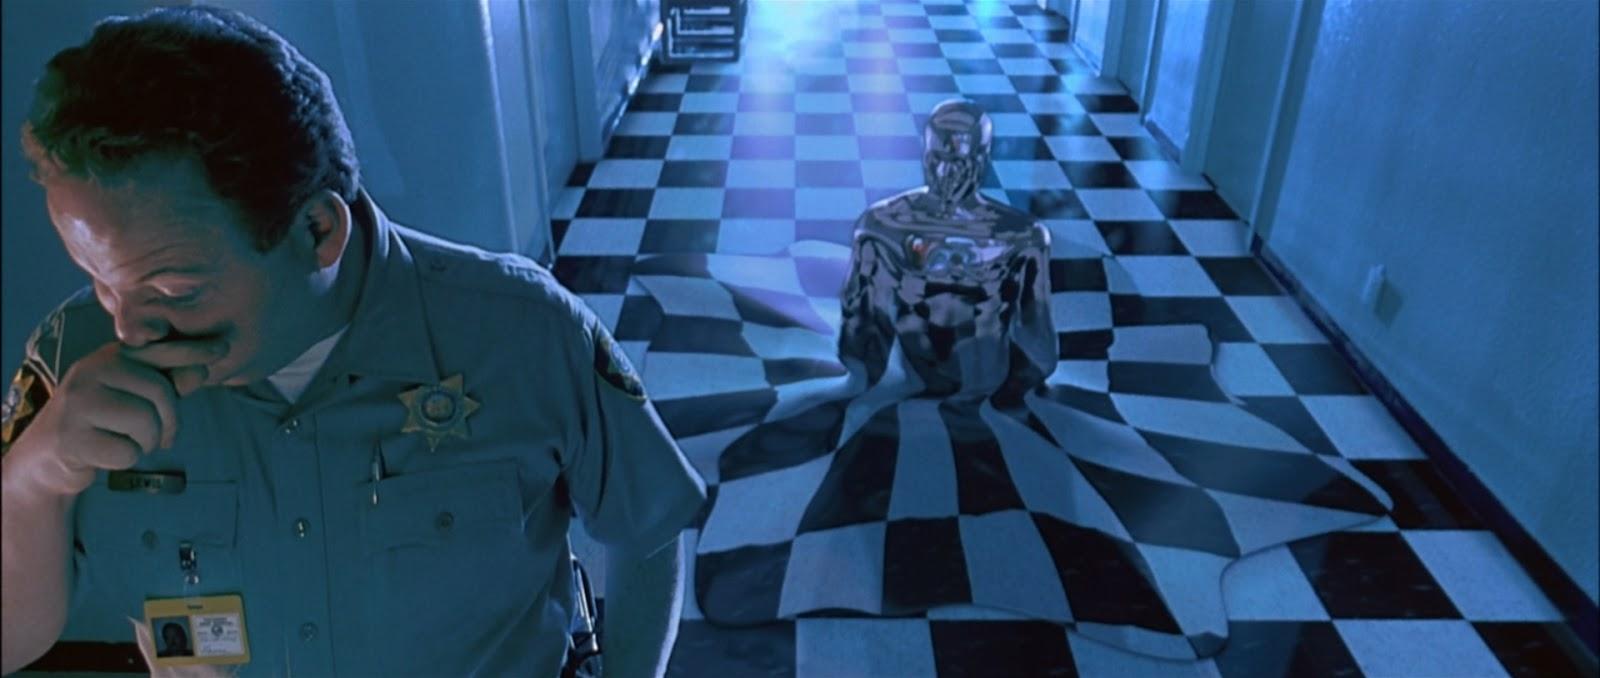 Científicos logran crear gotas de metal líquido que pueden moverse como el T-1000